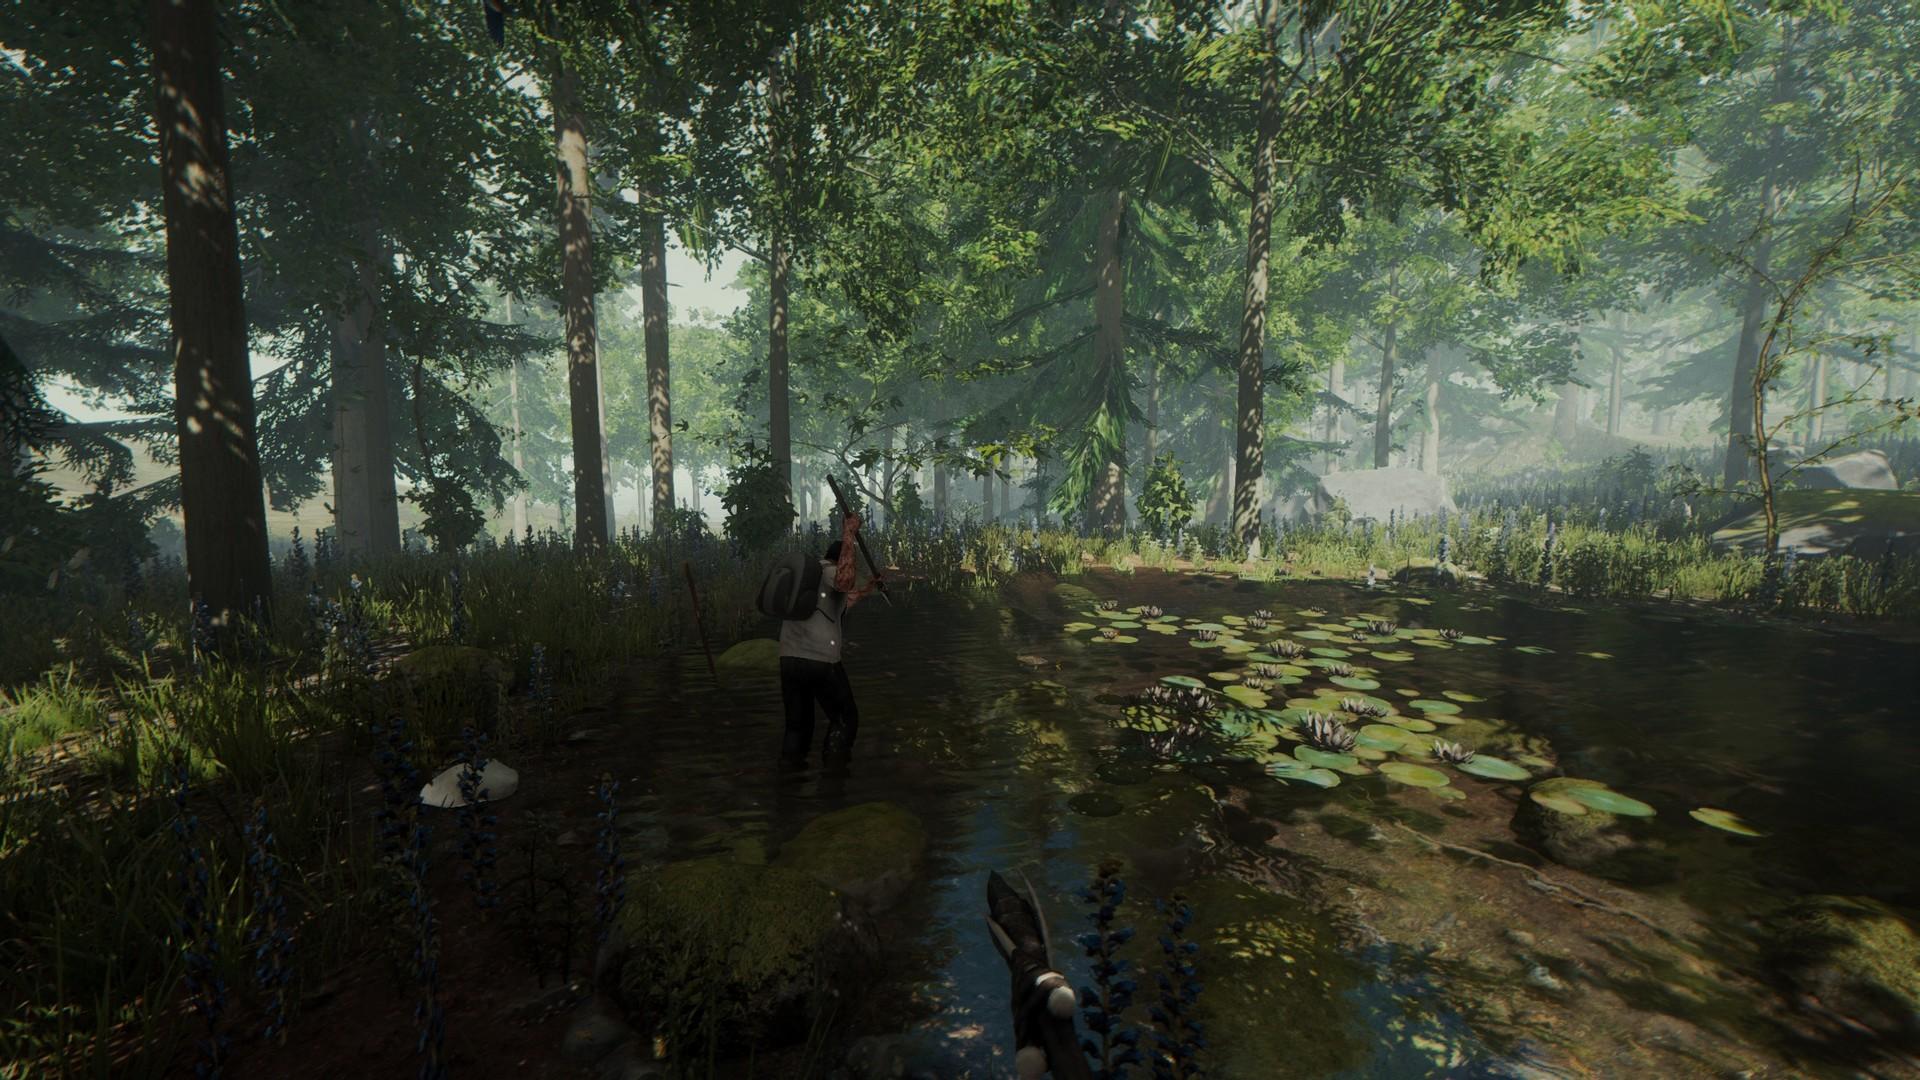 《森林》Steam銷量超500萬 初始預算隻有12.5萬美元